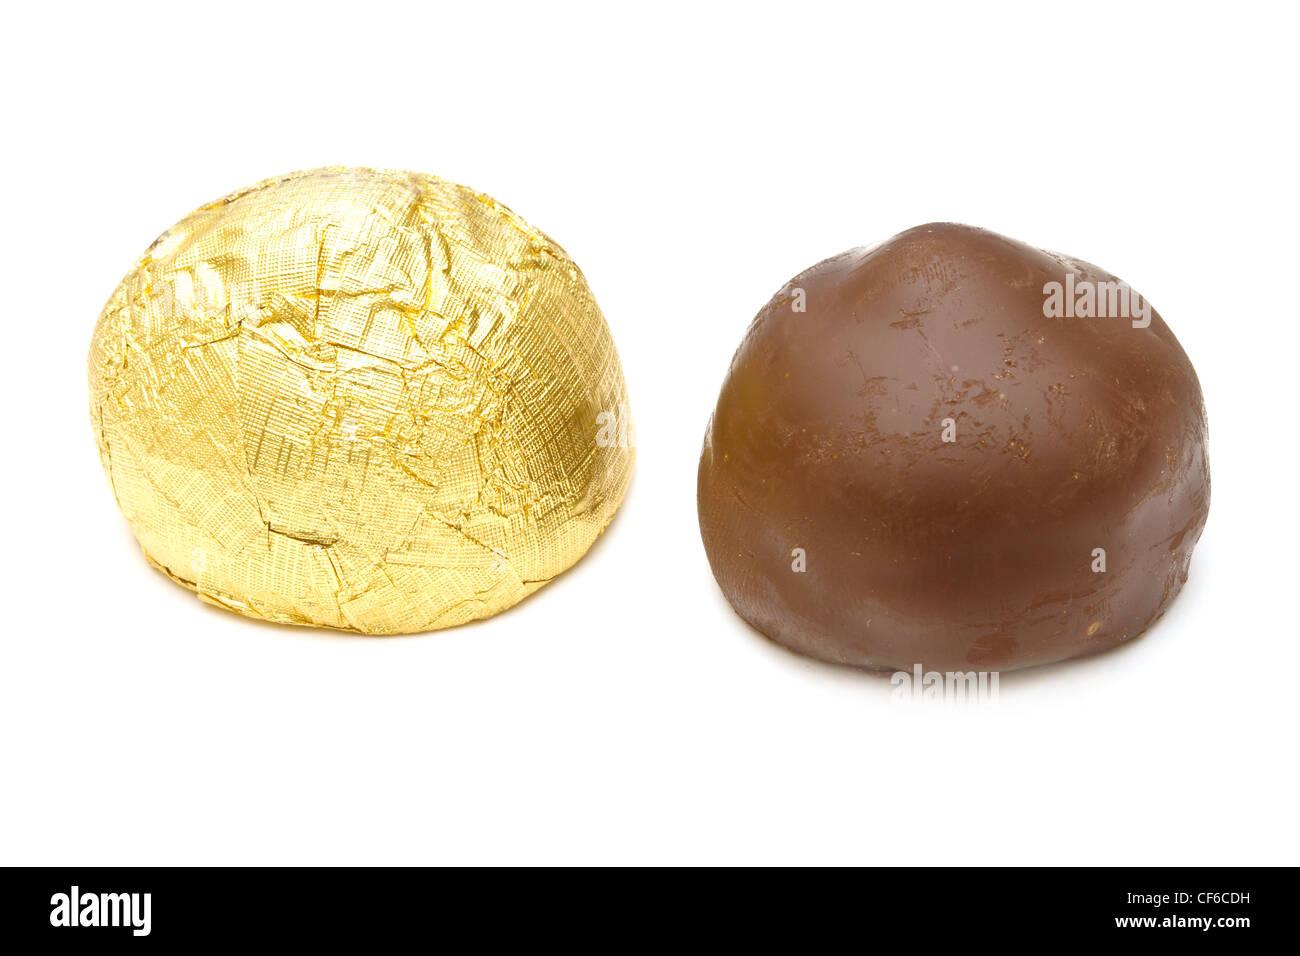 El chocolate praliné sobre fondo blanco. Foto de stock